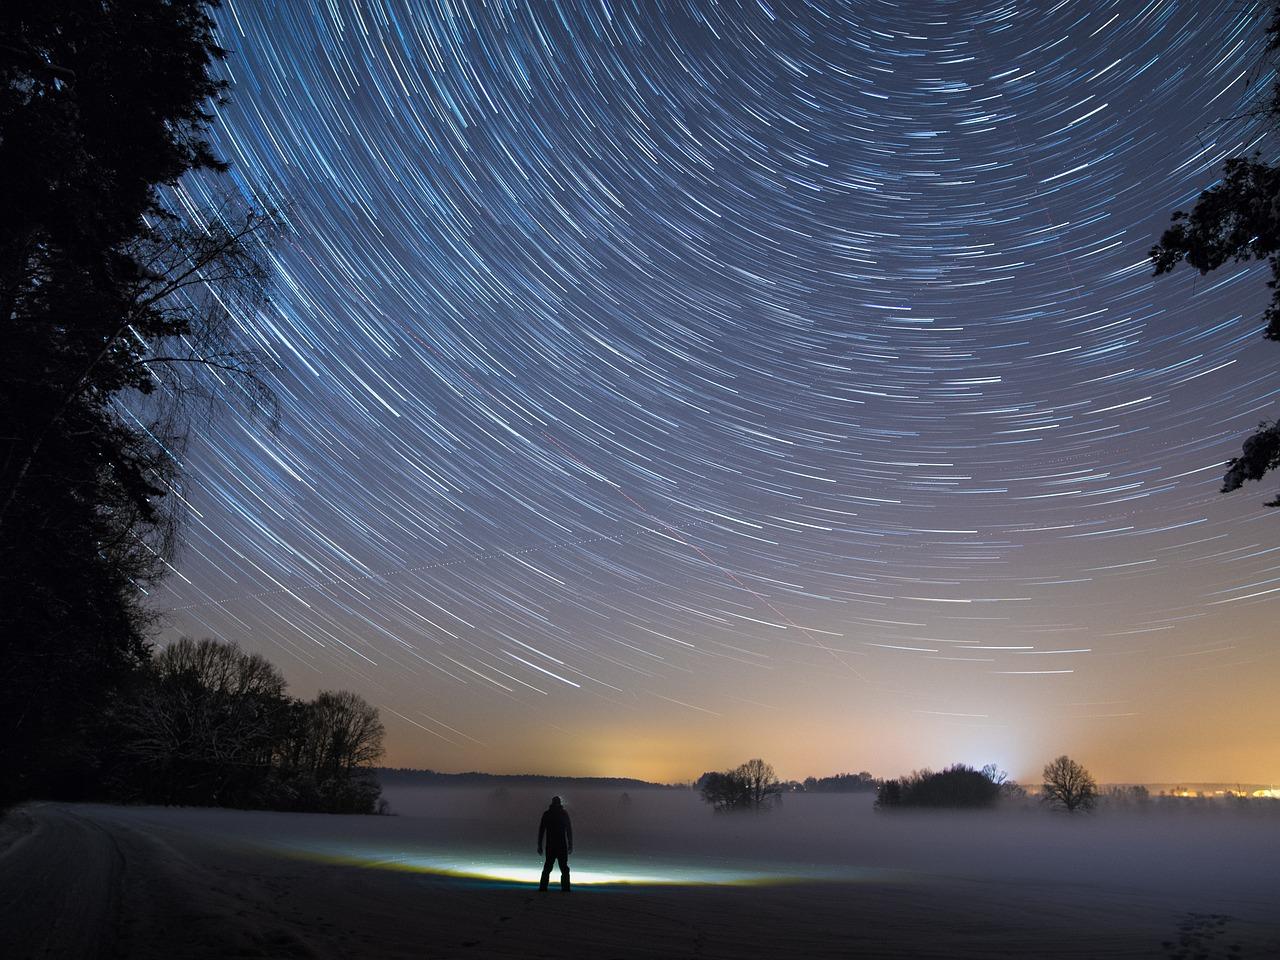 star-trails-2234343_1280.jpg